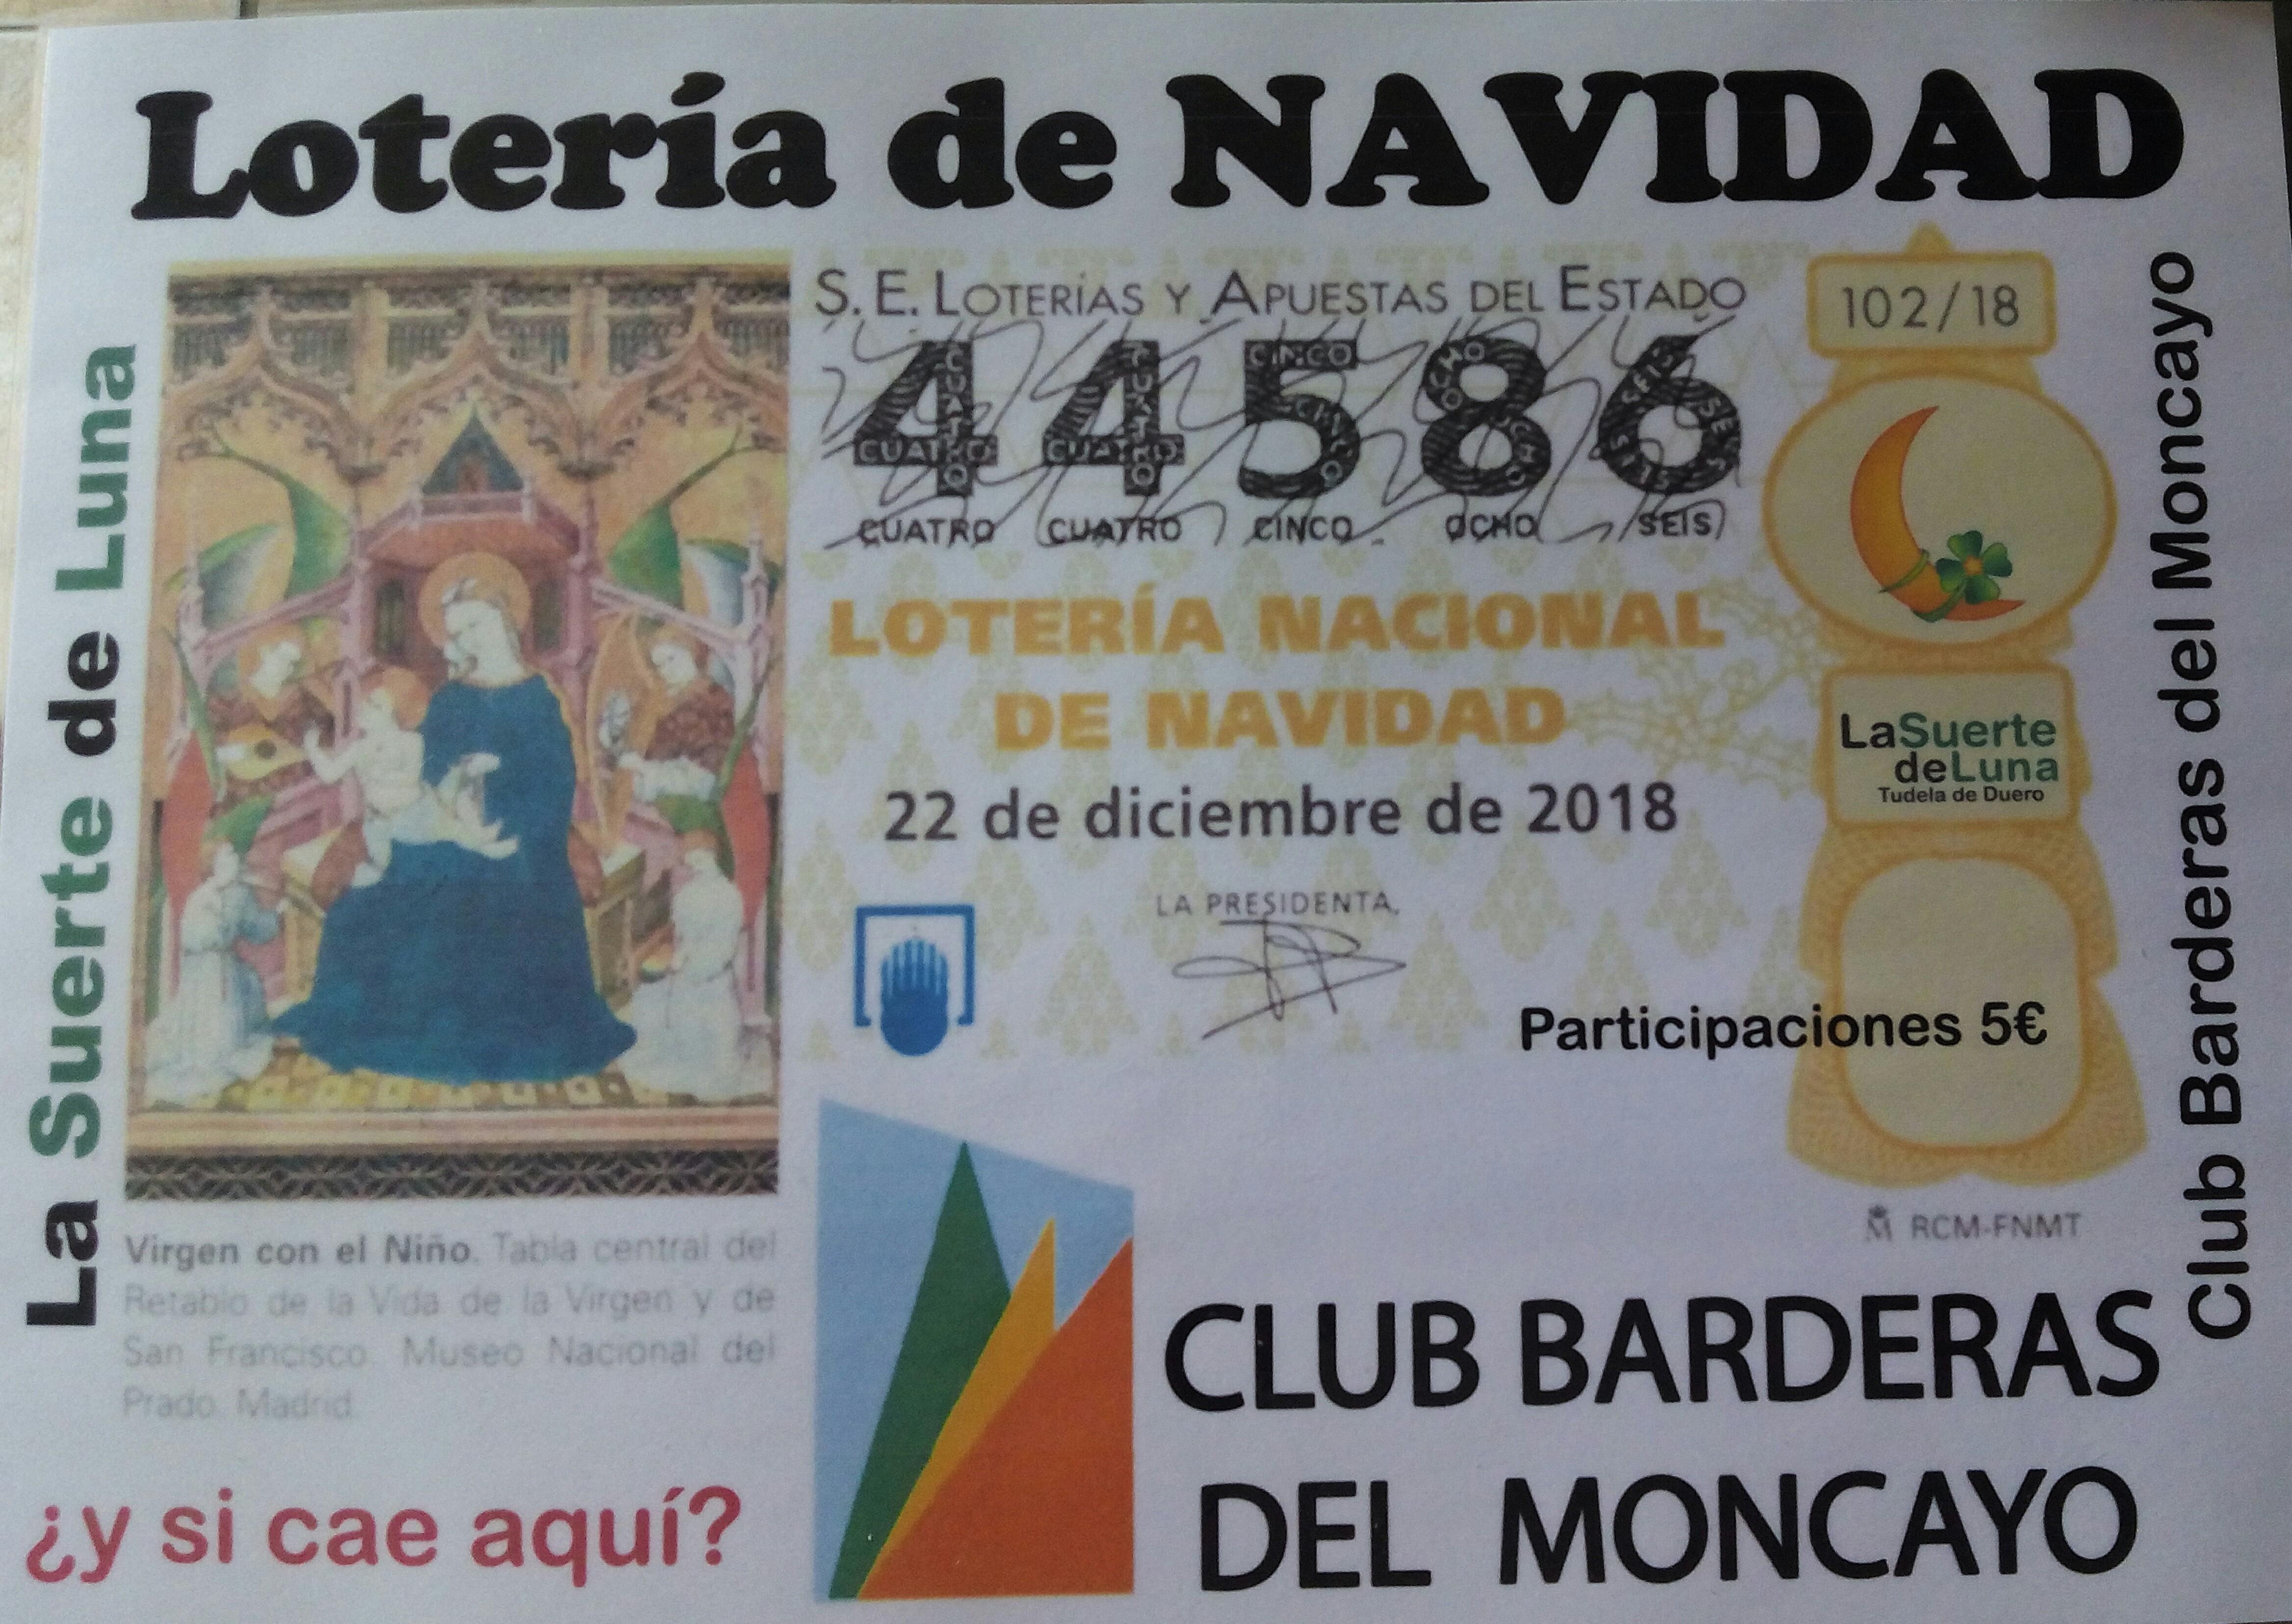 """Imprimir Calendario Laboral Madrid 2019 Más Caliente asociaci""""n Cultural Y Gastron""""mica – Página 2 – Lugar De Encuentro Of Imprimir Calendario Laboral Madrid 2019 Más Caliente El Mundo 06 04 2018"""